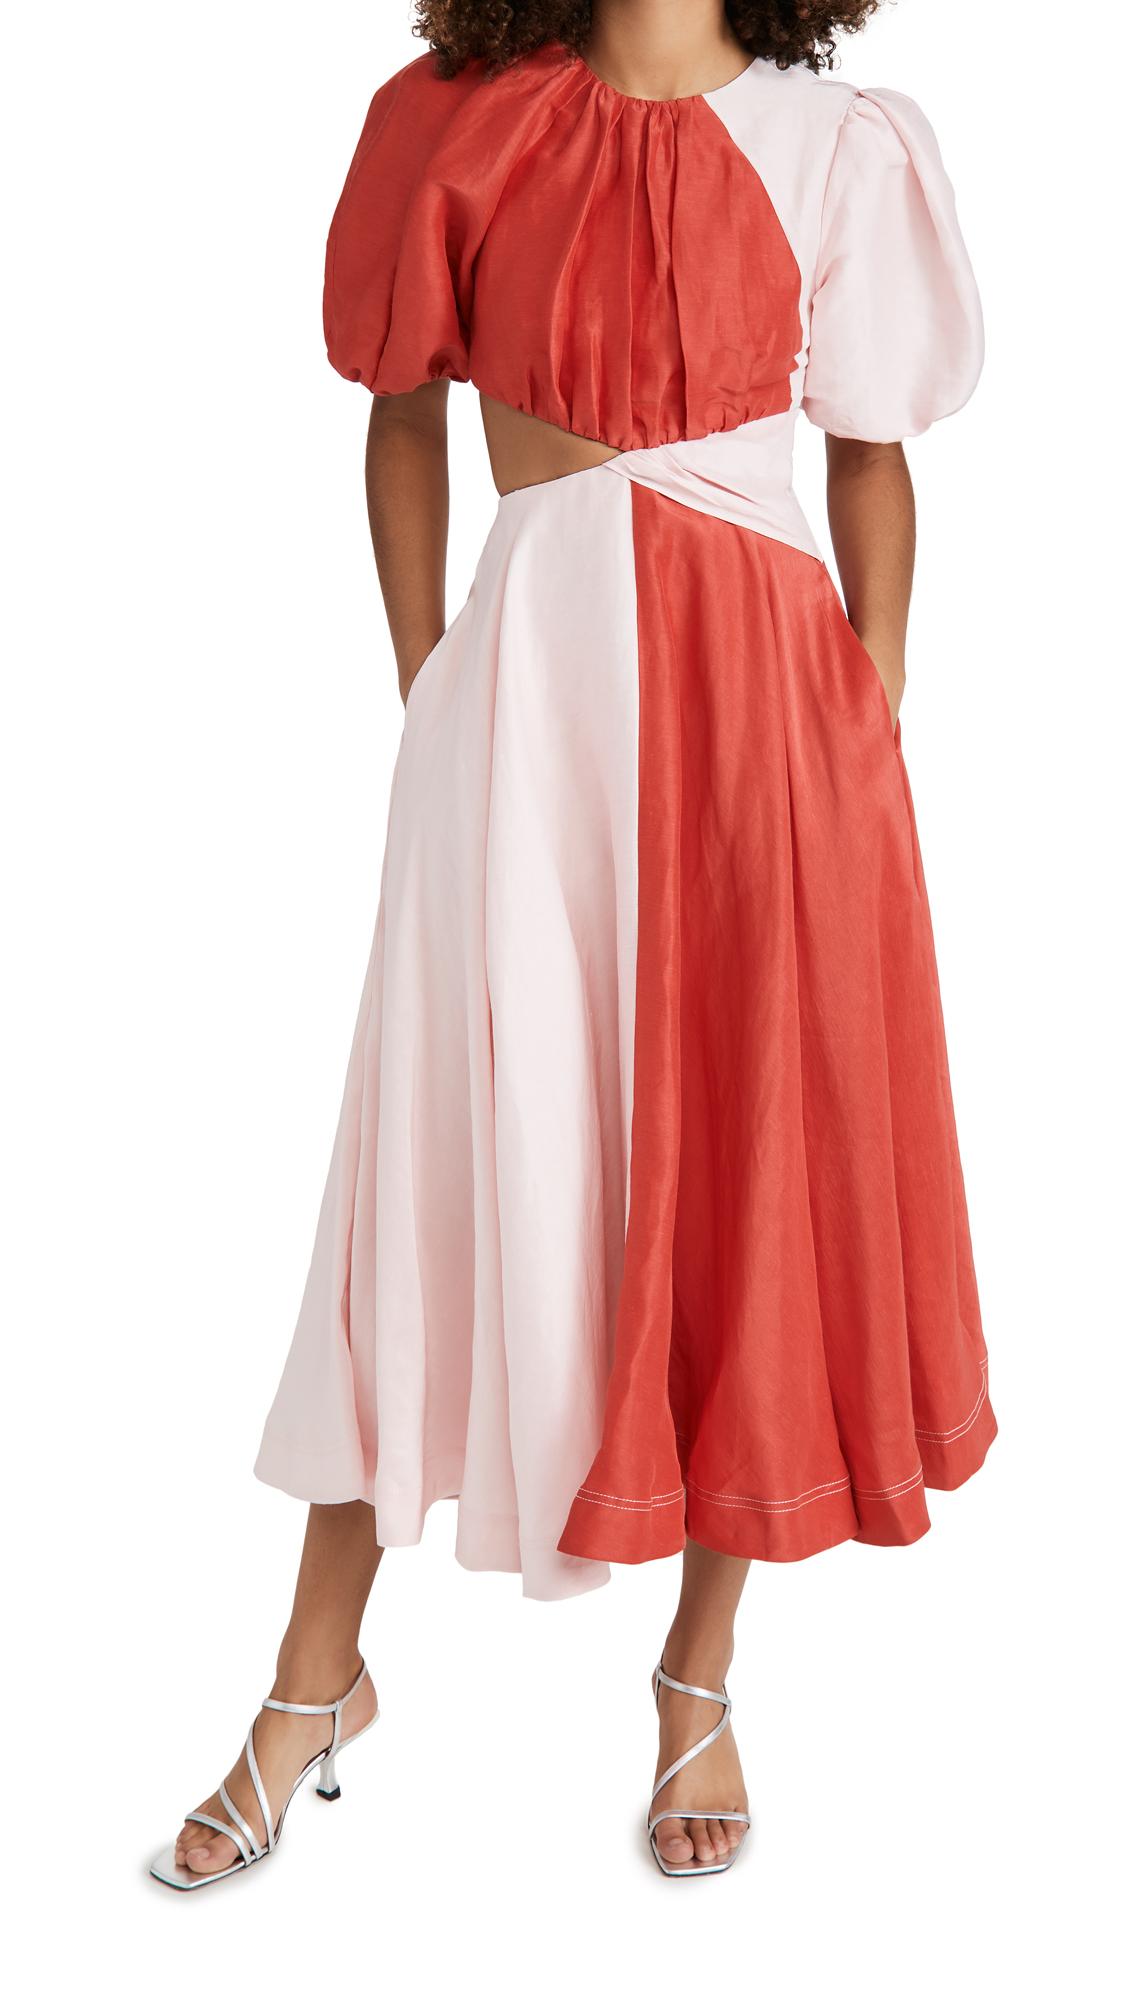 Aje Entwined Dress